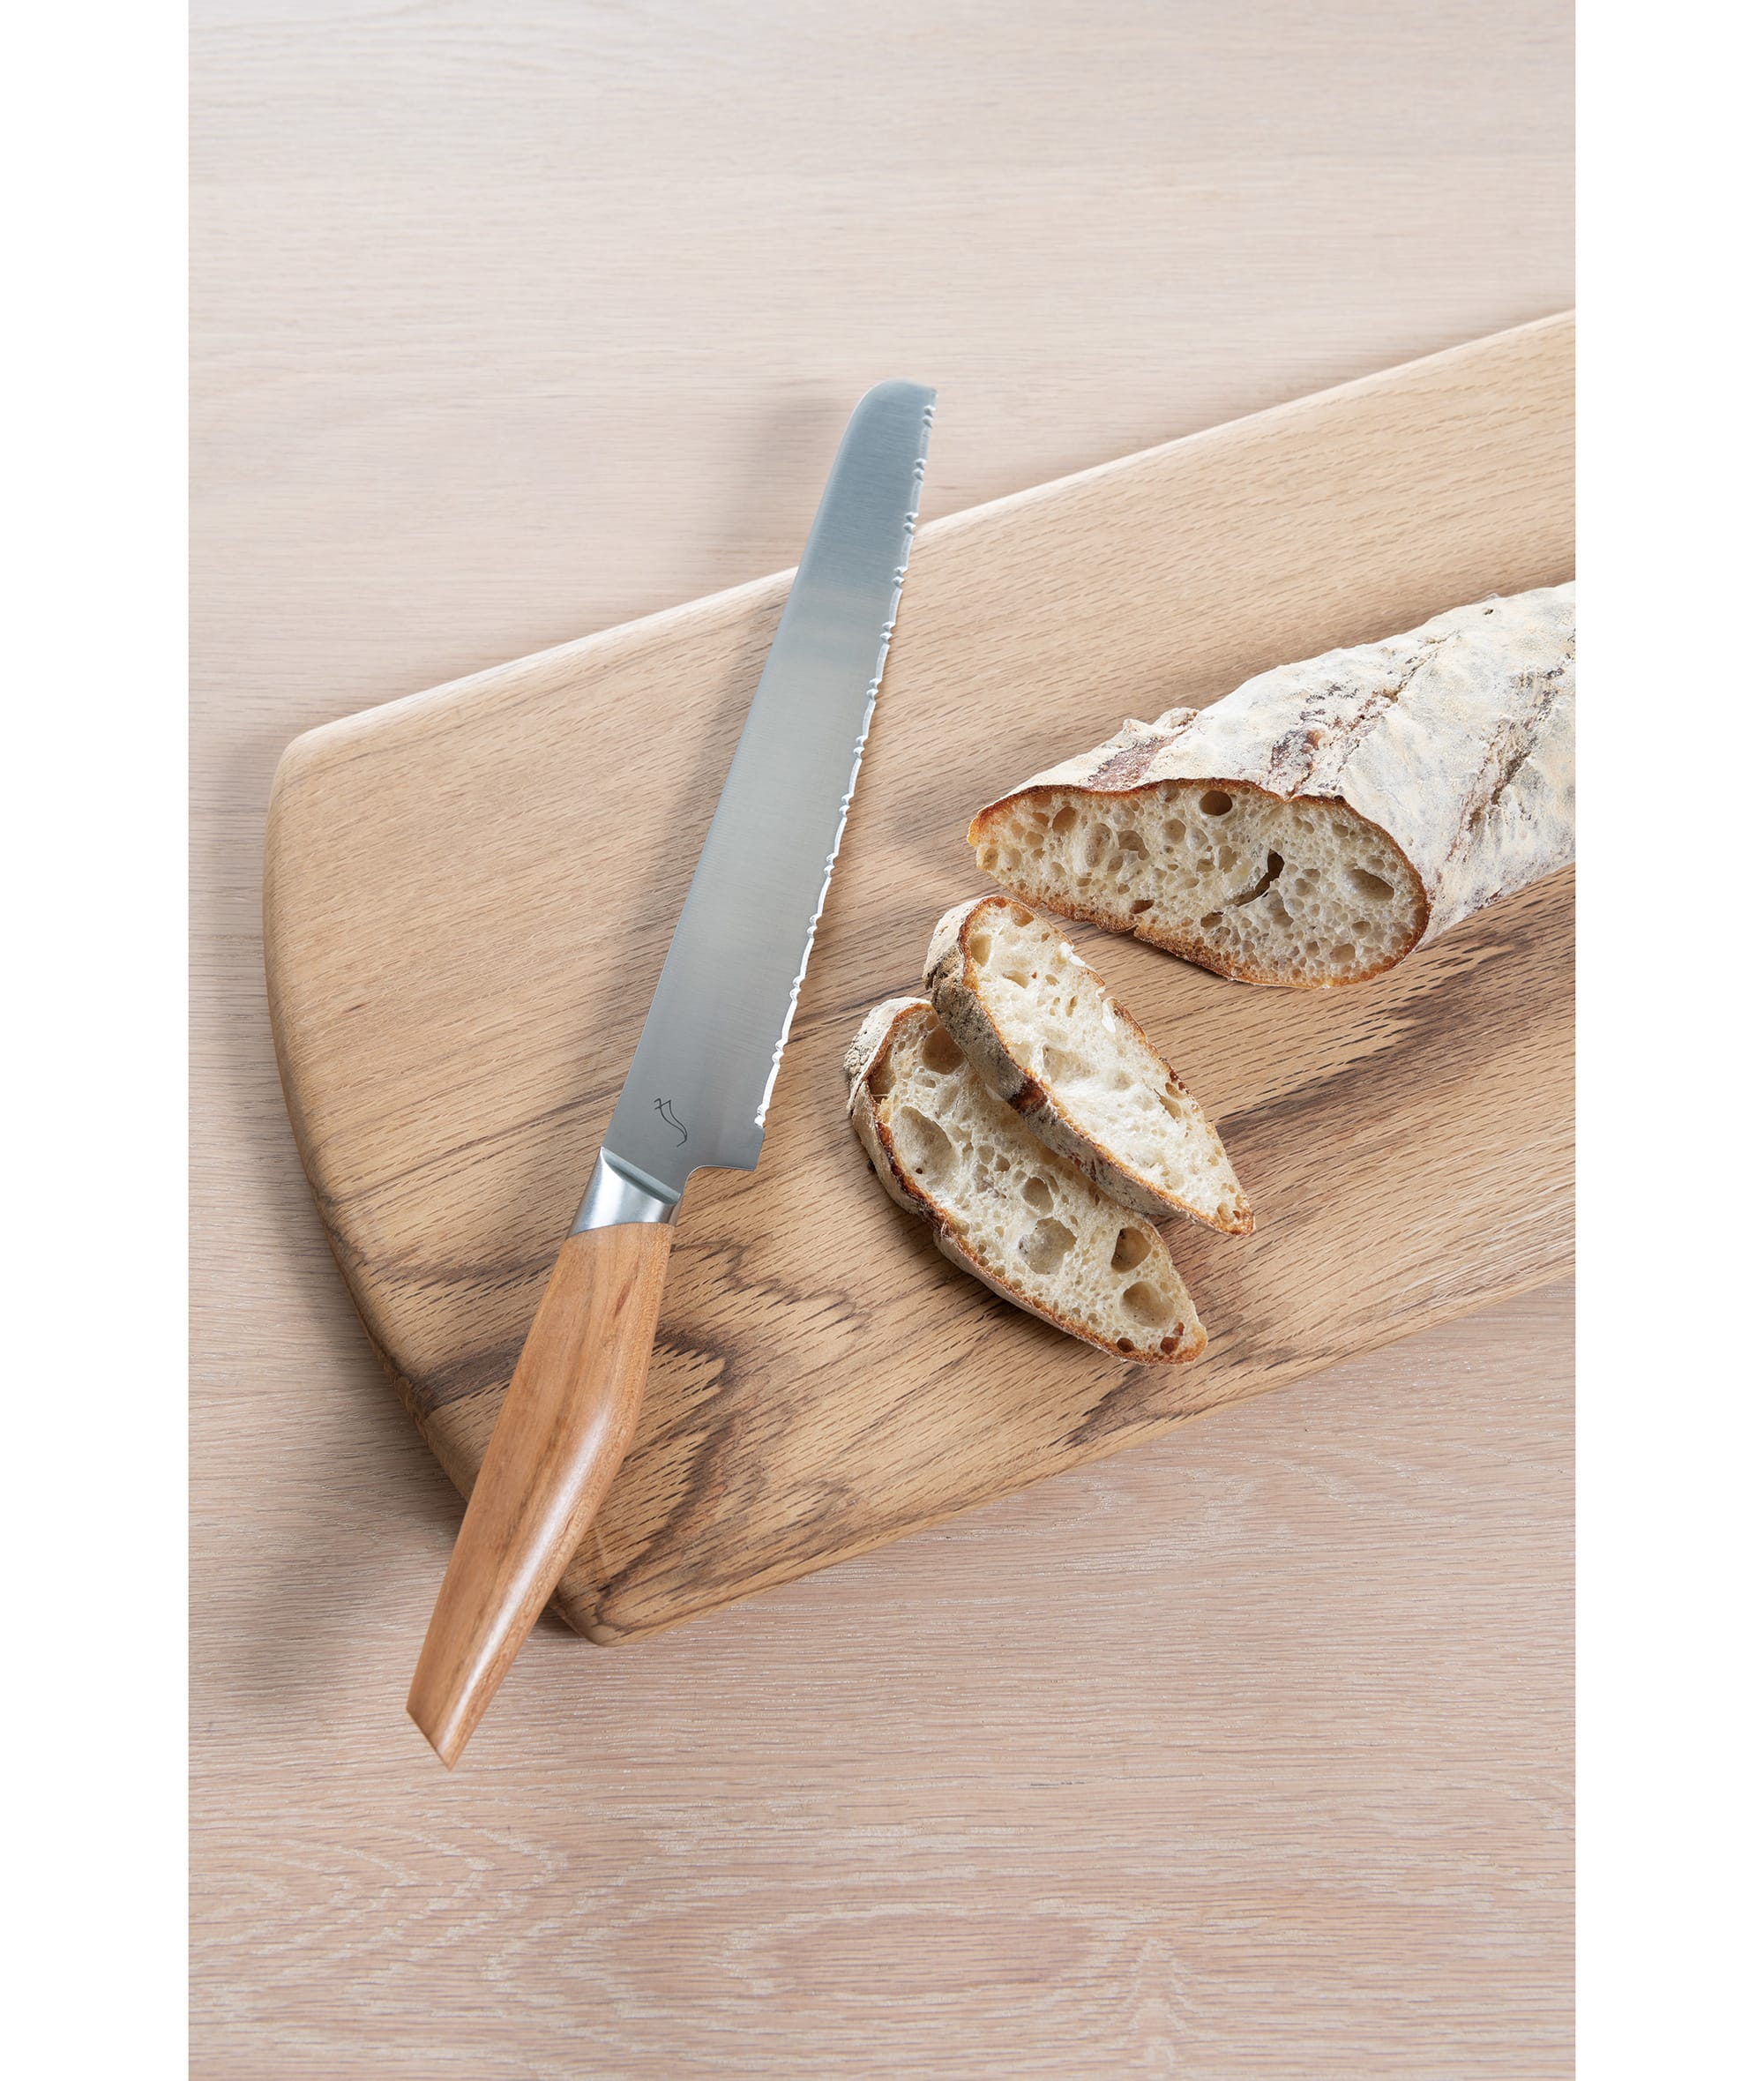 パン切り包丁は独自の大小のギザ刃を交互に組み合わせることで、どのようなパンでも簡単に美しく切ることができる。